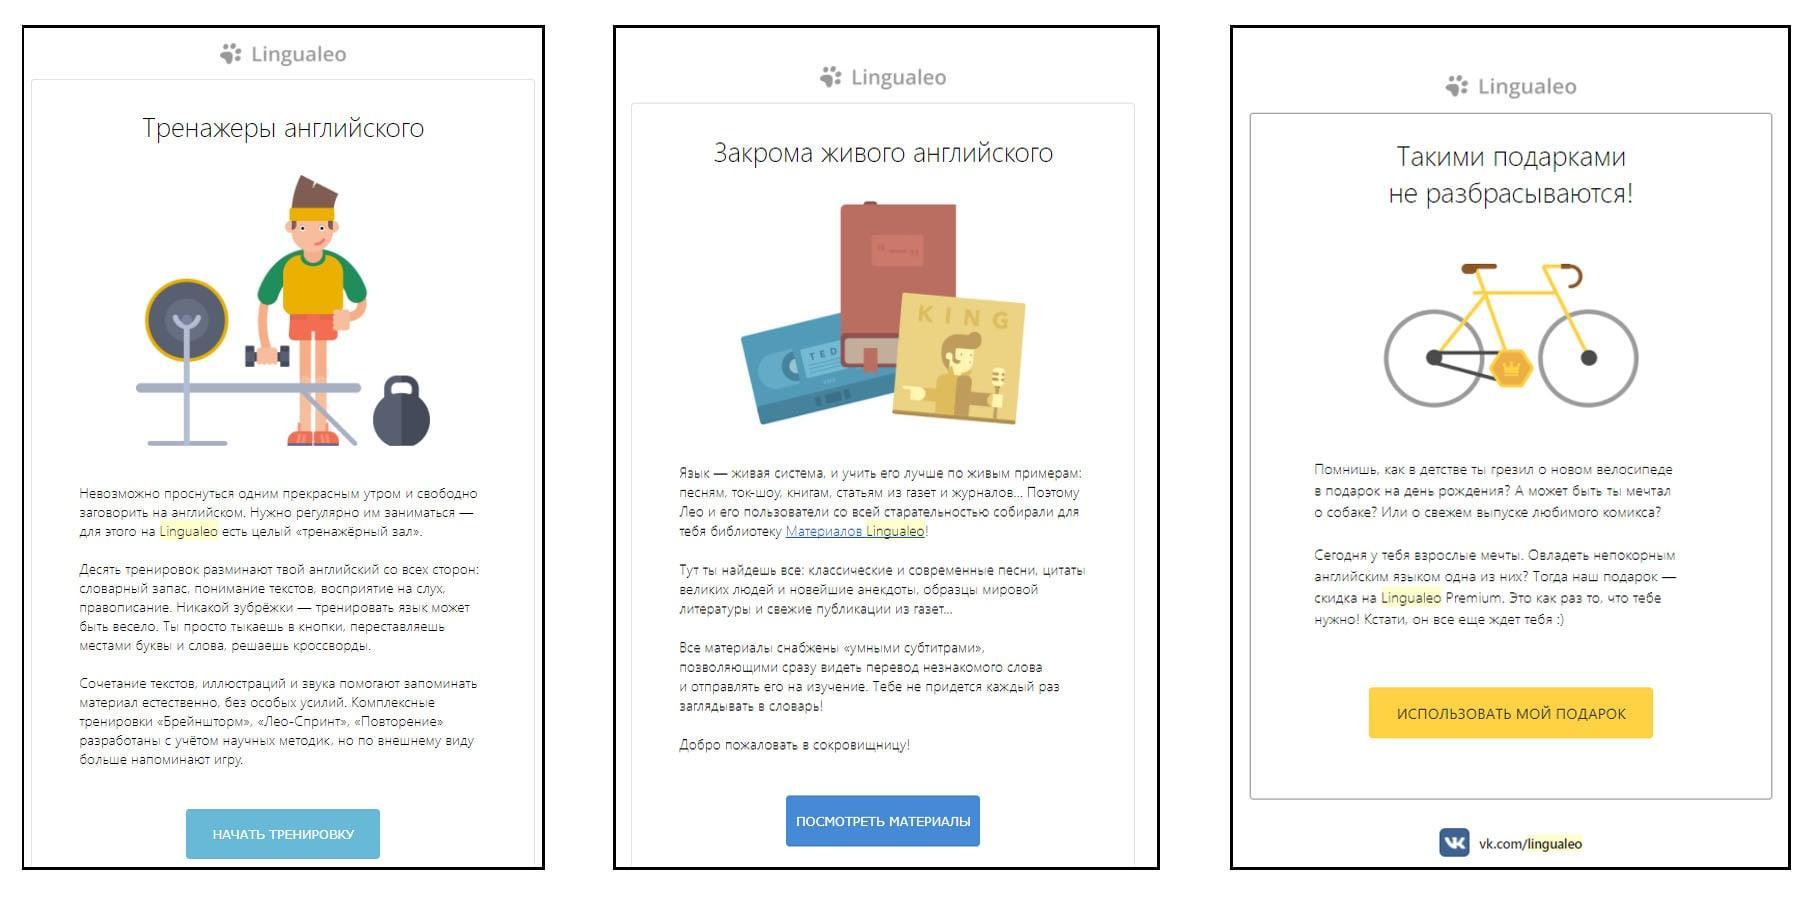 Письма от Lingualeo в едином стиле